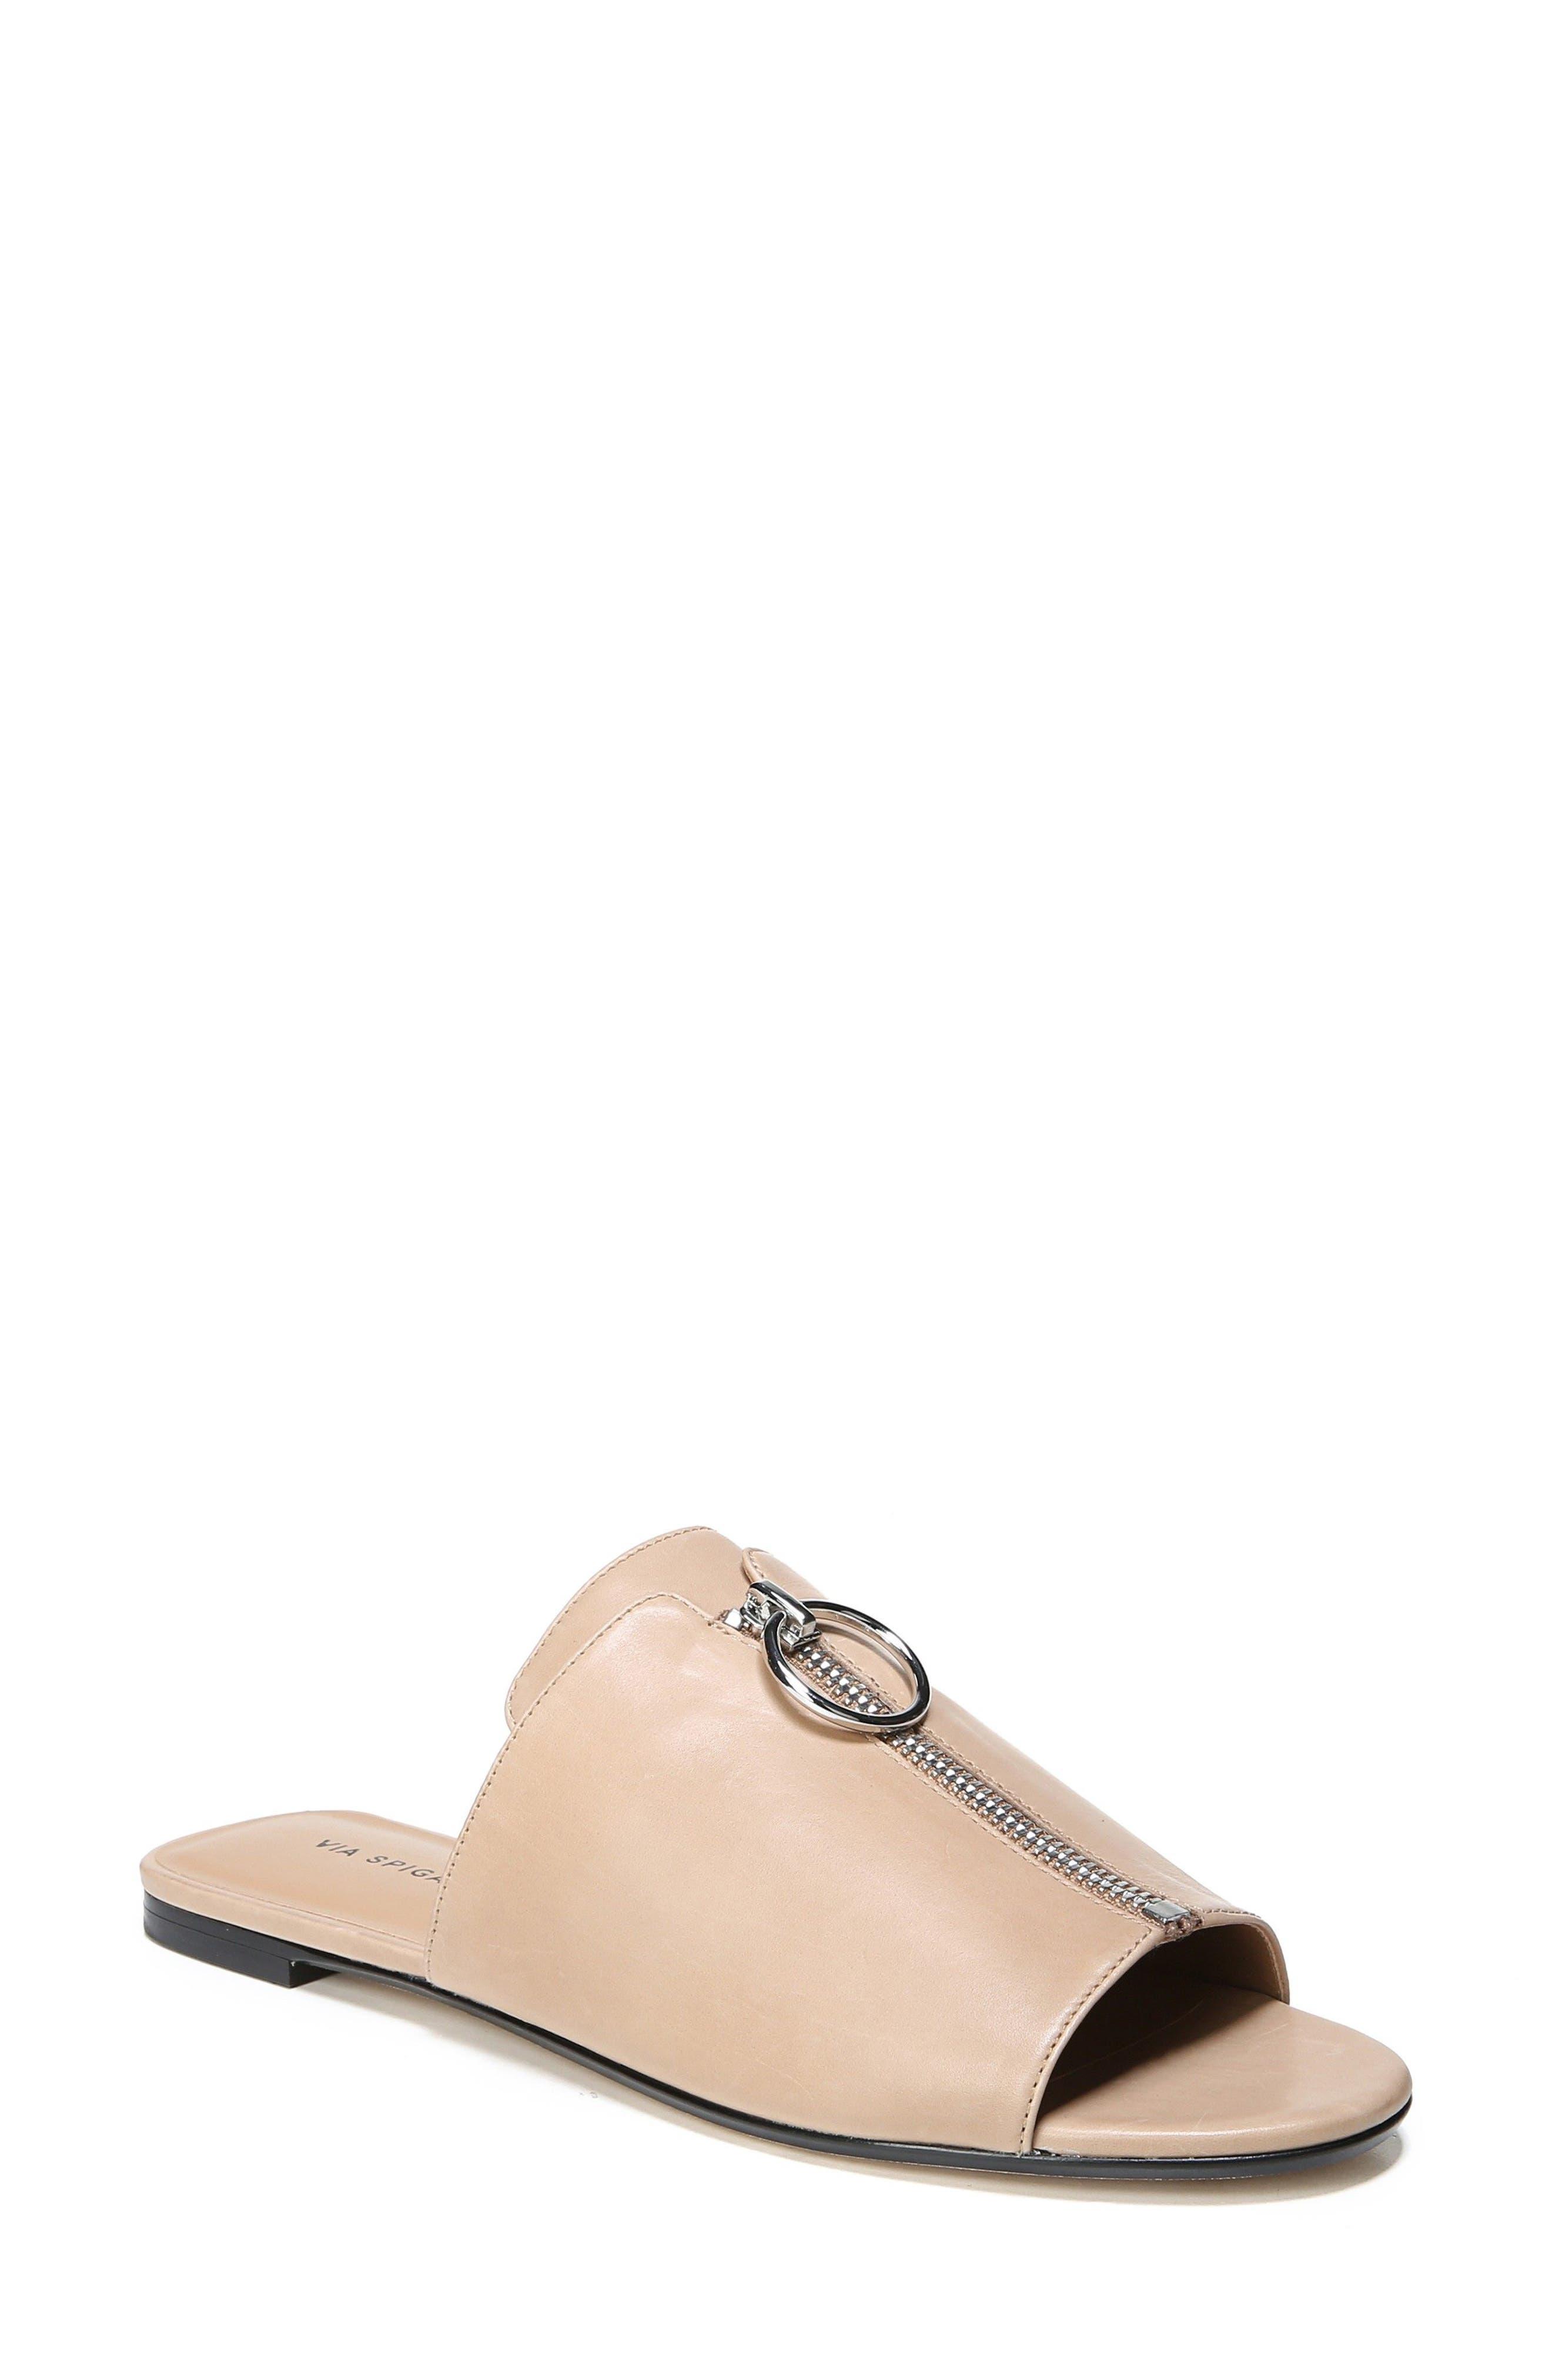 Hope Slide Sandal,                         Main,                         color, Desert Leather